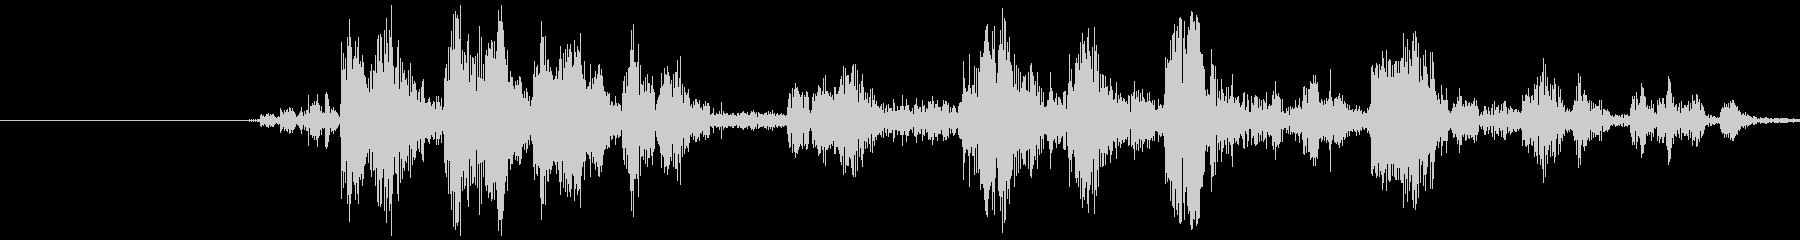 カメラ シャッター音(ノイジー)カシャの未再生の波形